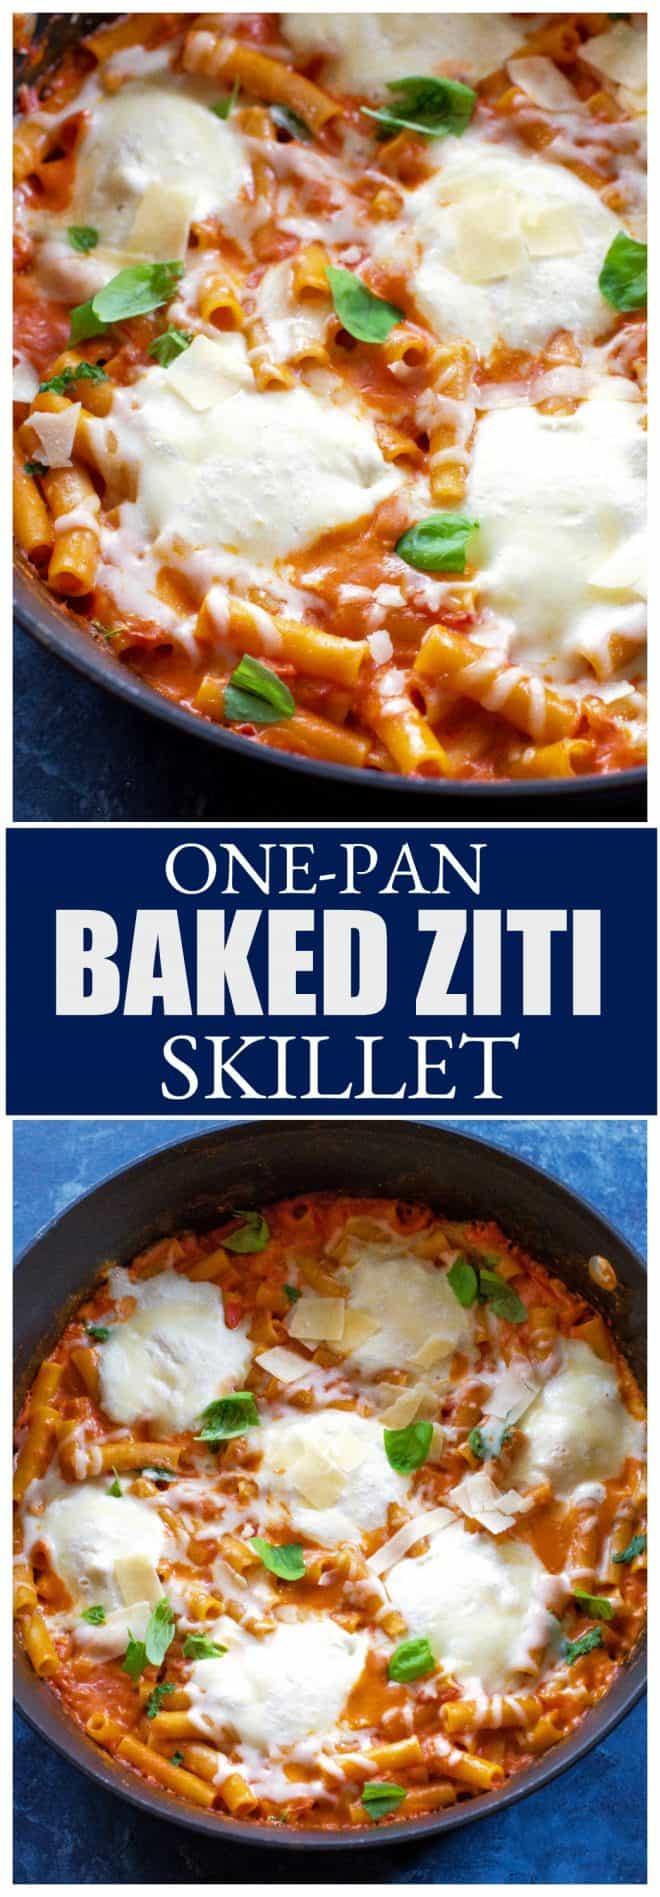 One-Pan Baked Ziti Skillet